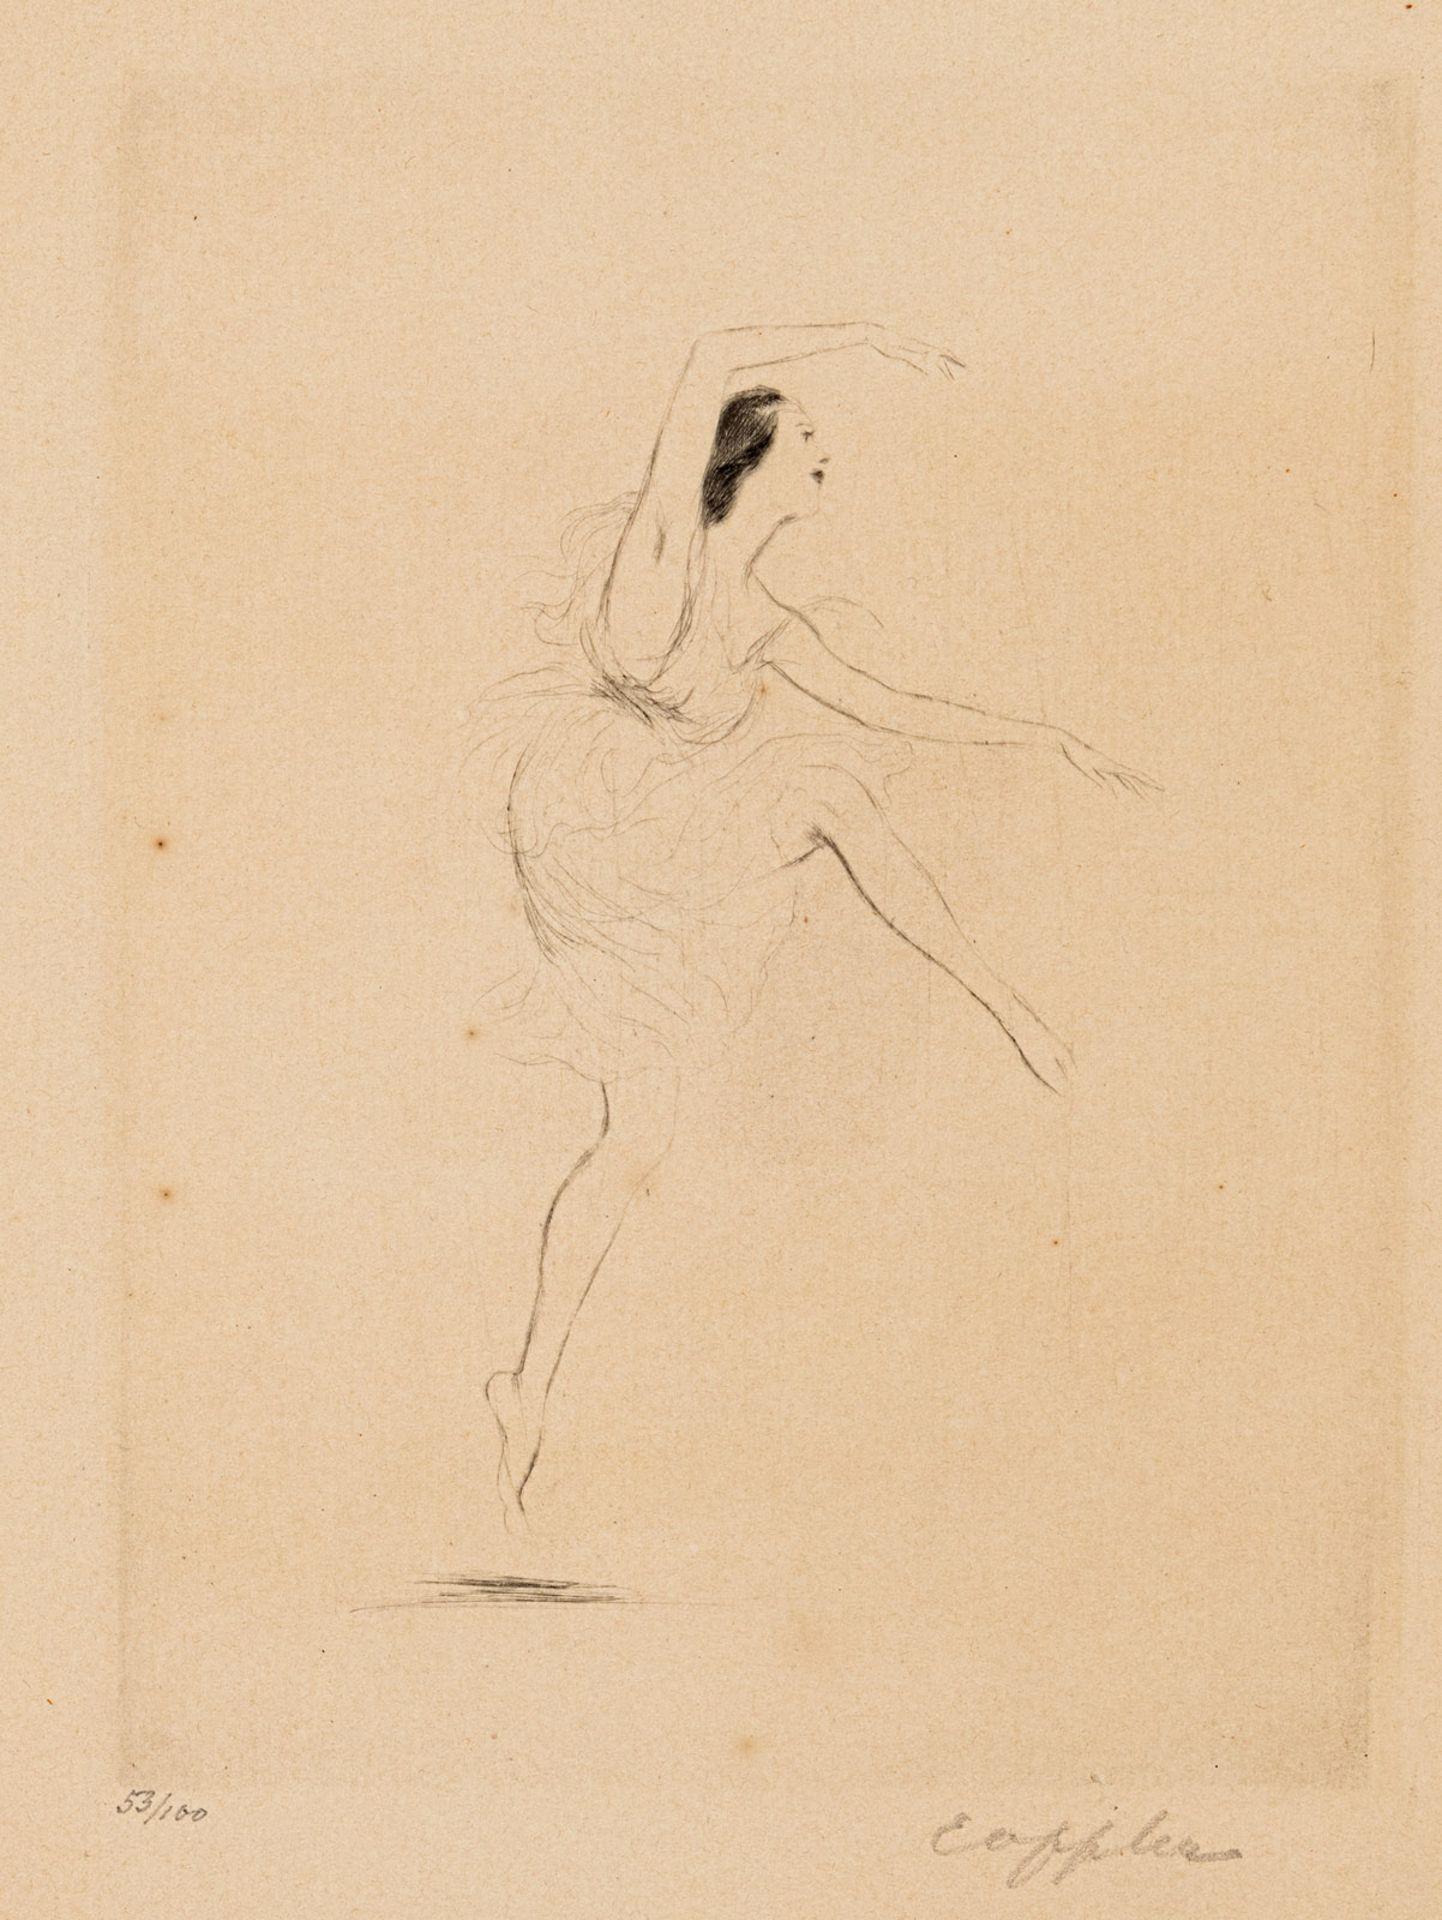 Oppler, Ernst - Image 3 of 9